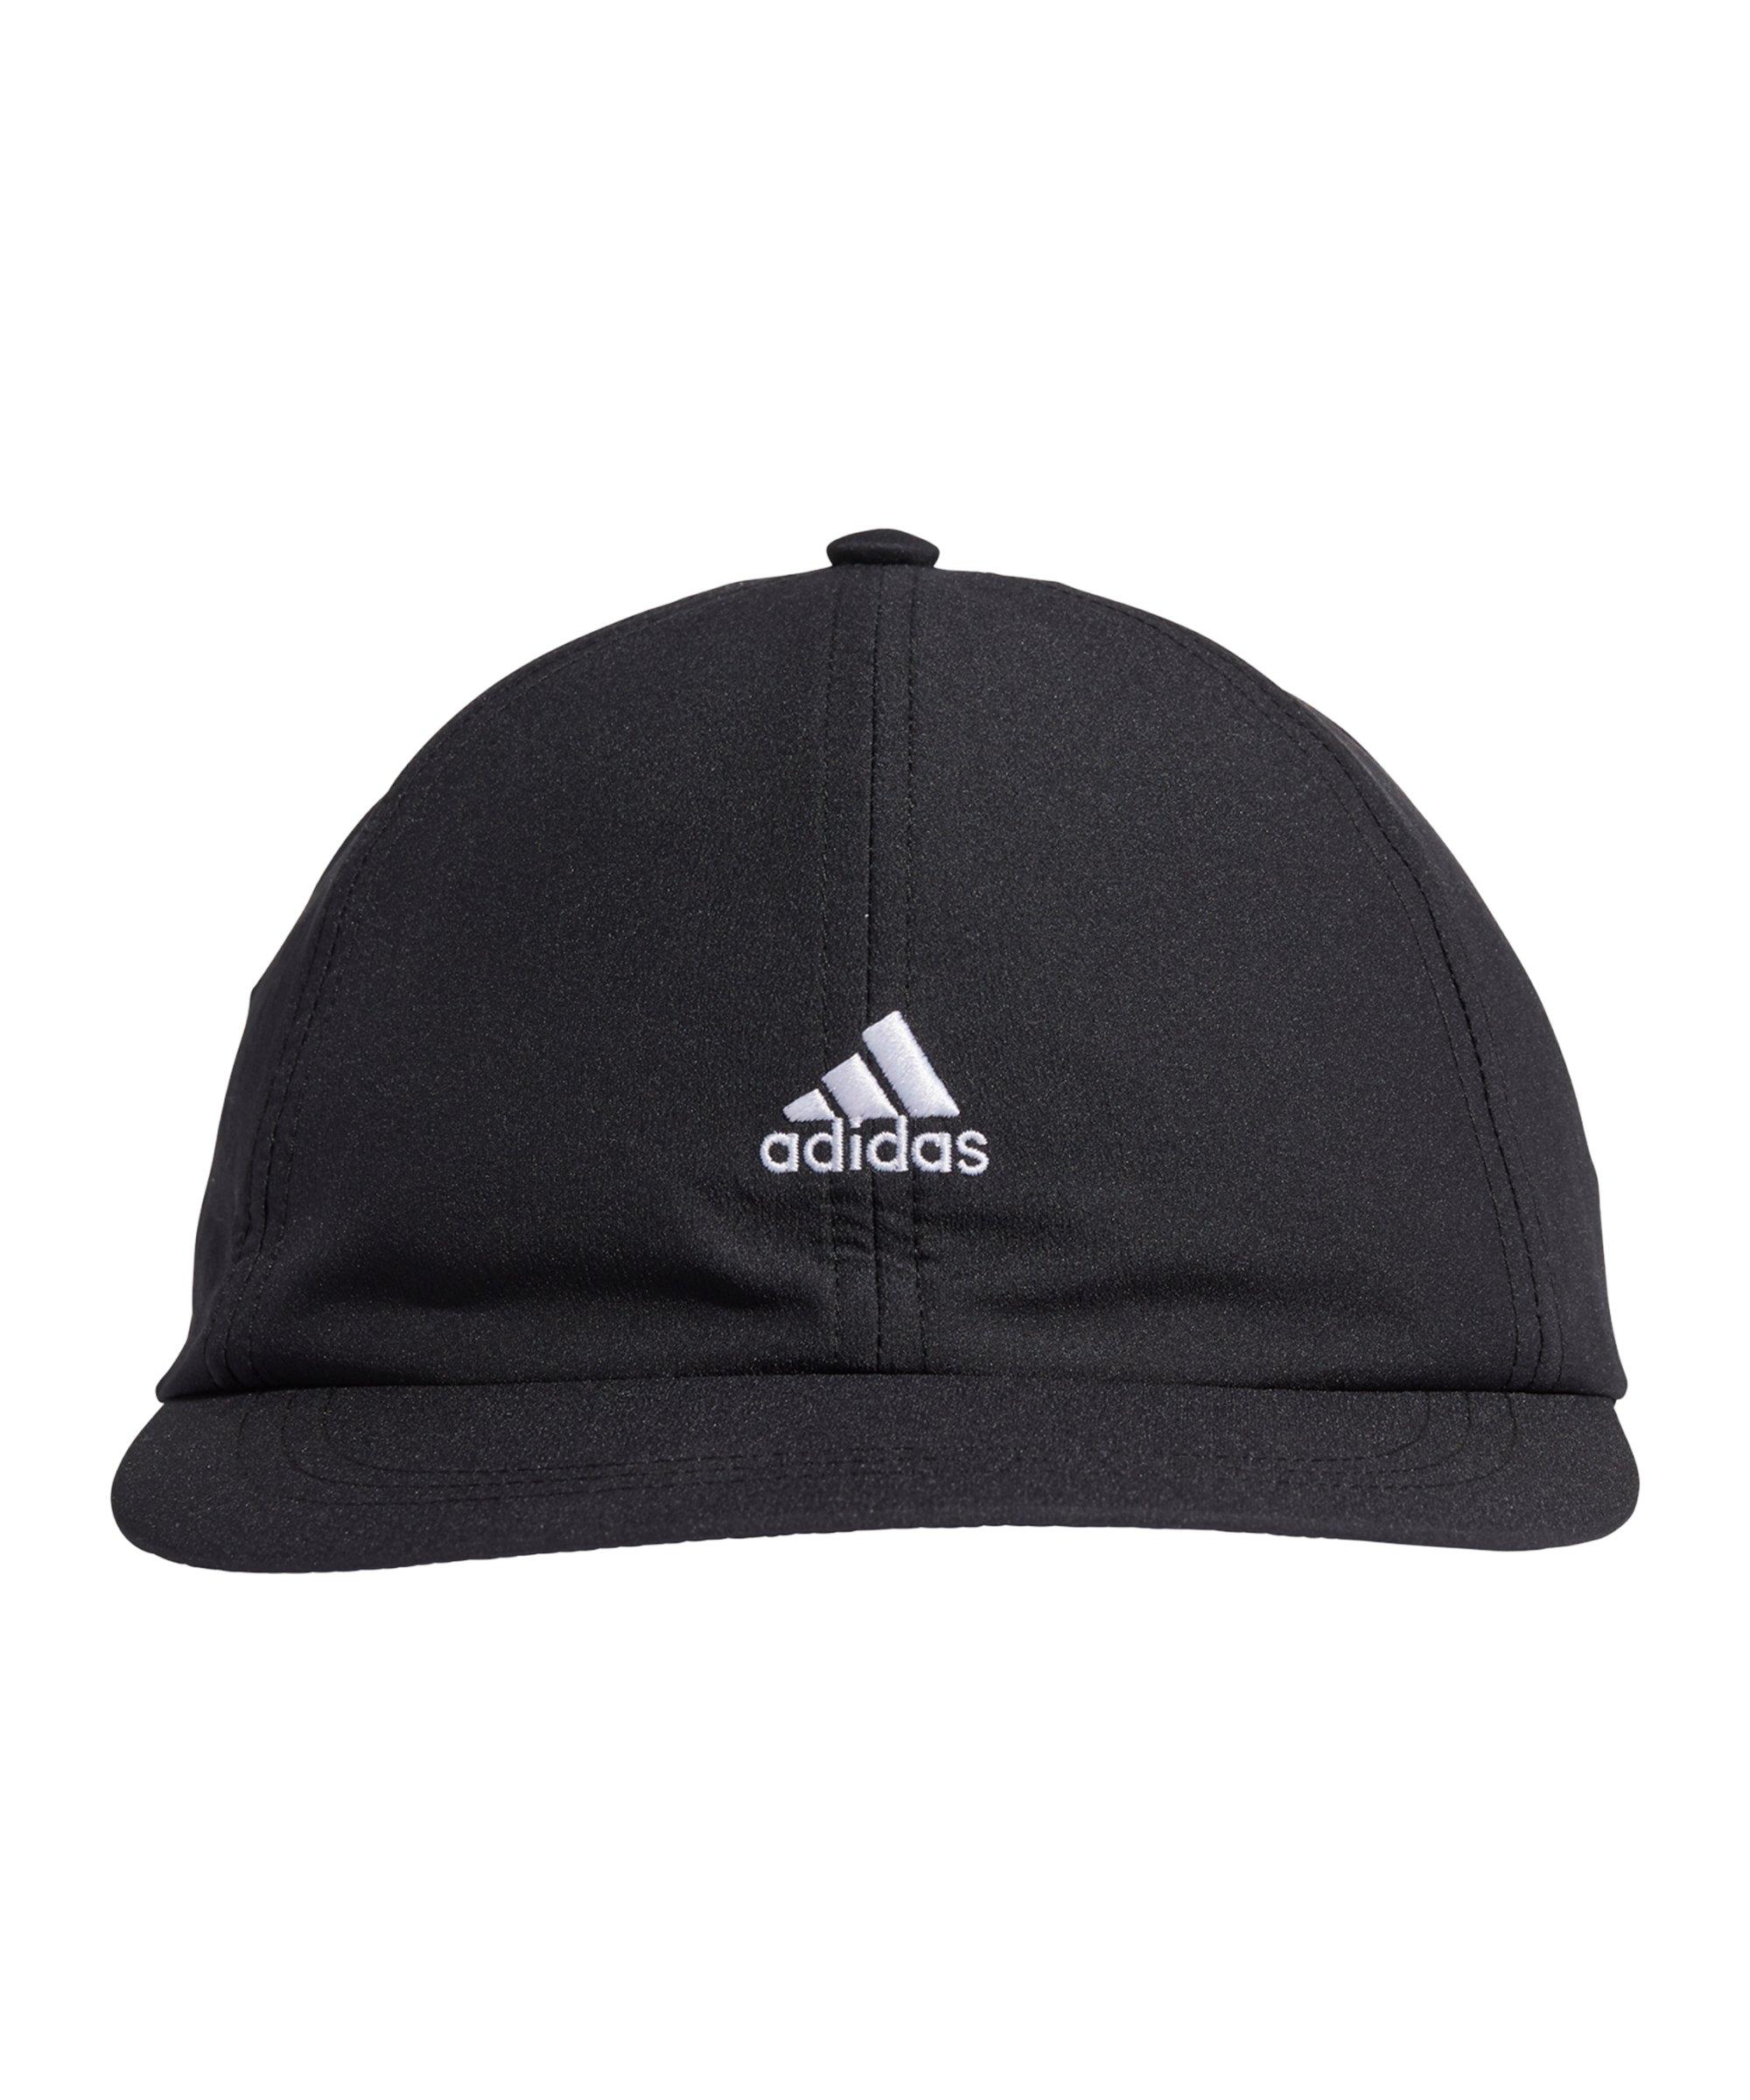 adidas Cap Running Schwarz - schwarz